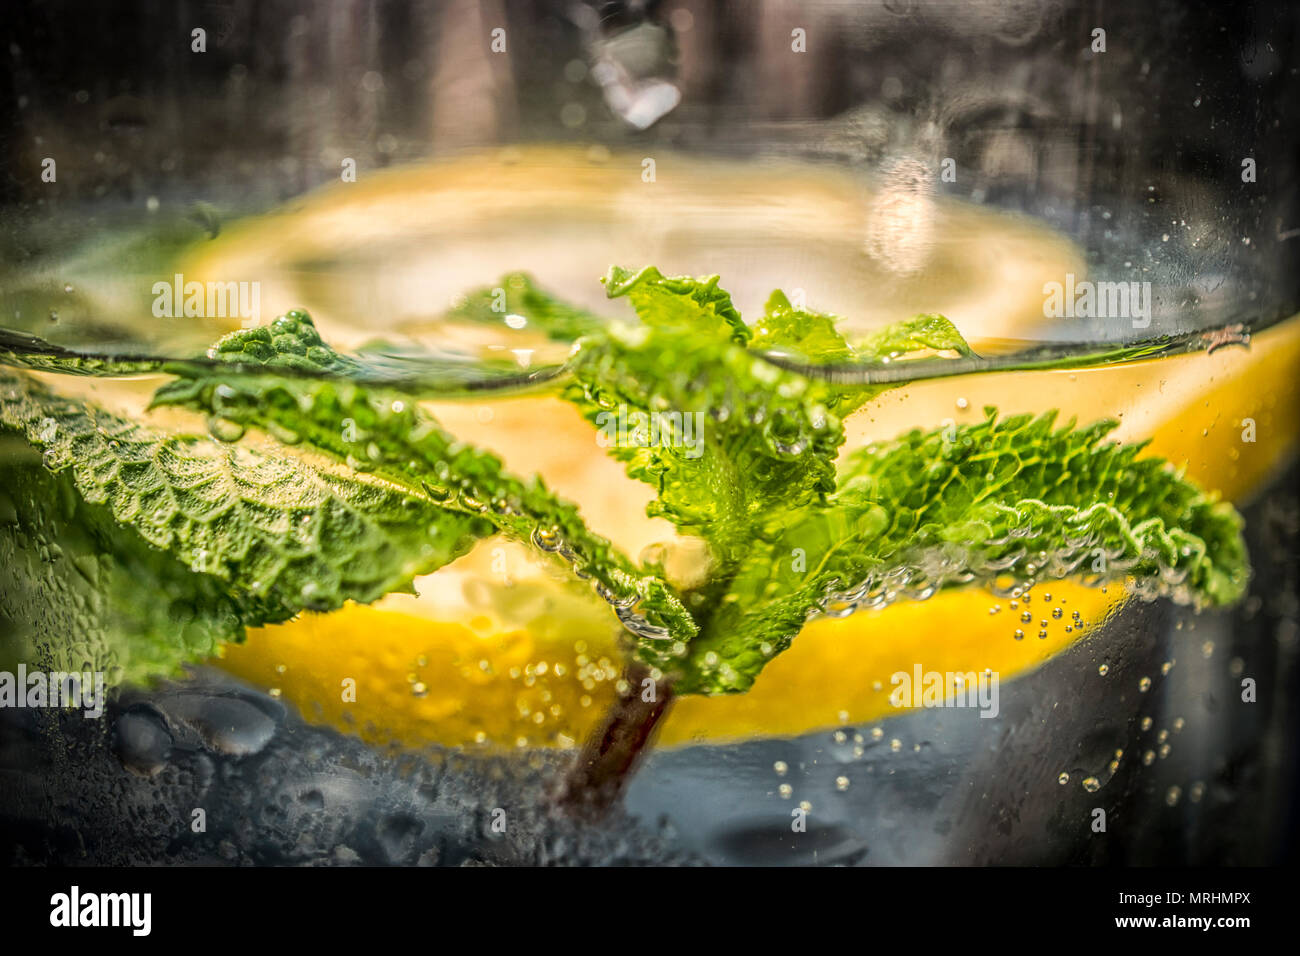 L'eau minérale avec du citron et menthe Photo Stock